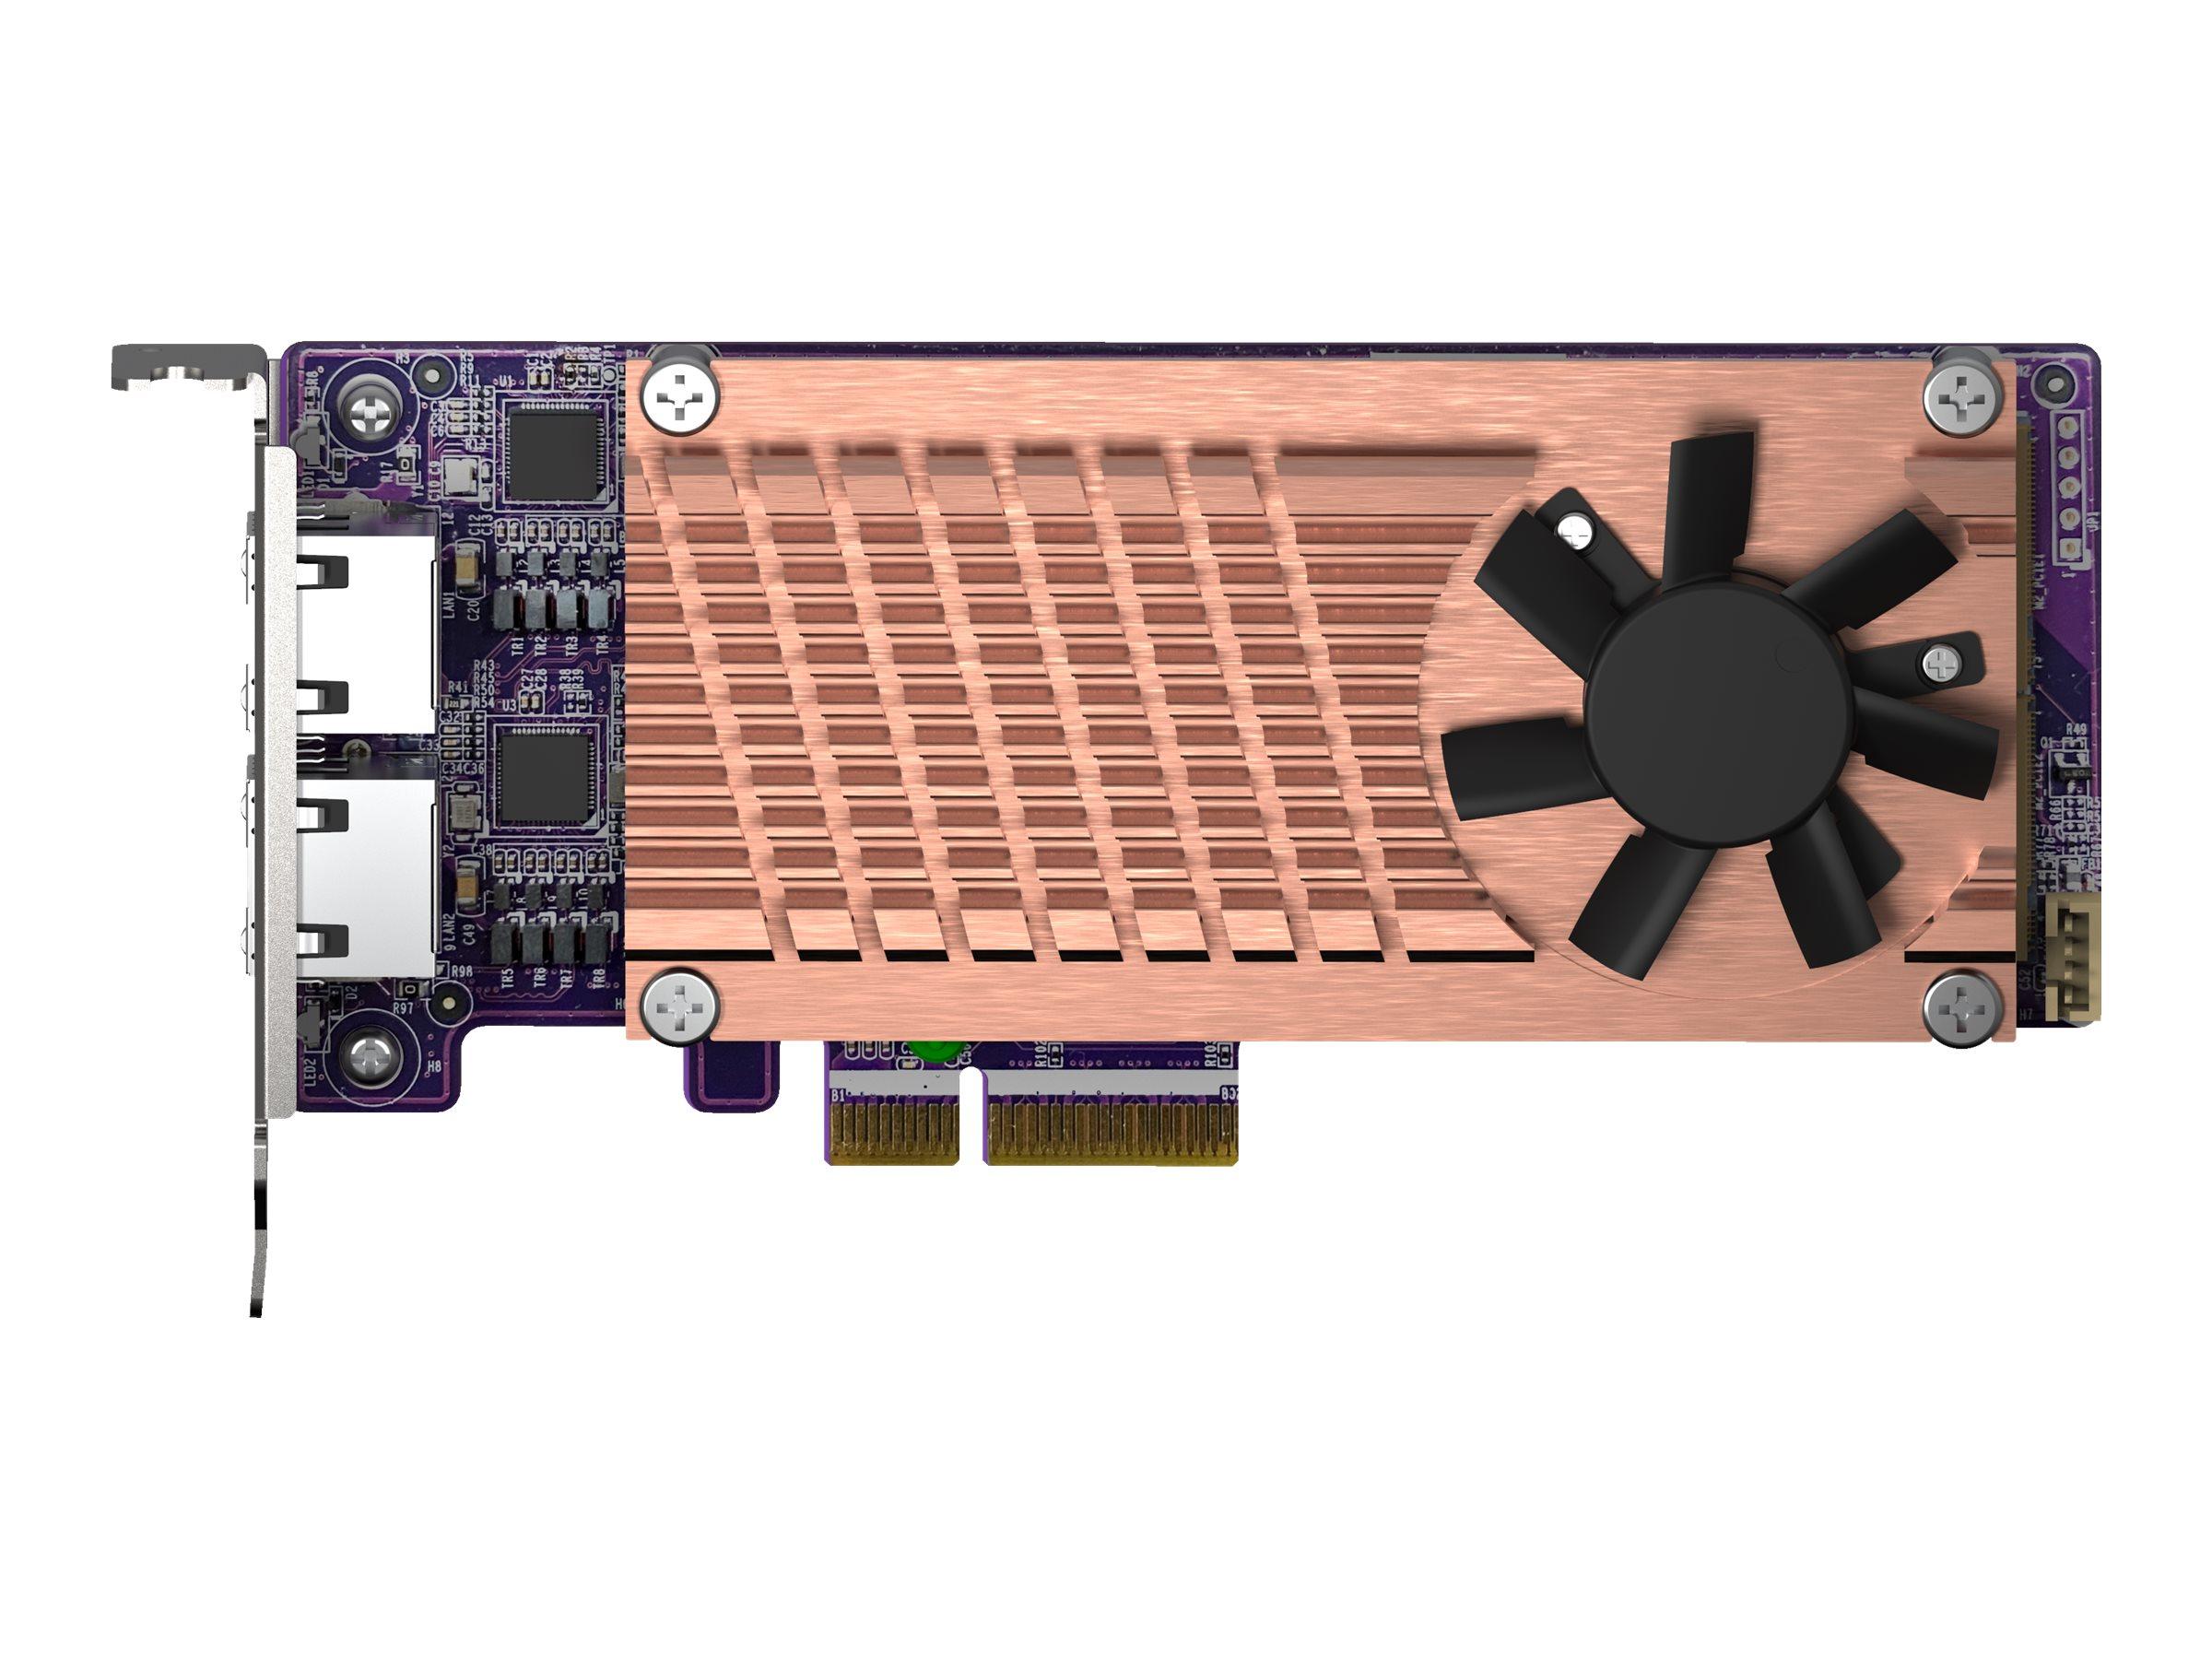 QNAP QM2-2P2G2T - storage controller - M.2 NVMe Card / PCIe 3.0 (NVMe) - PCIe 3.0 x4, 2.5 Gigabit Ethernet